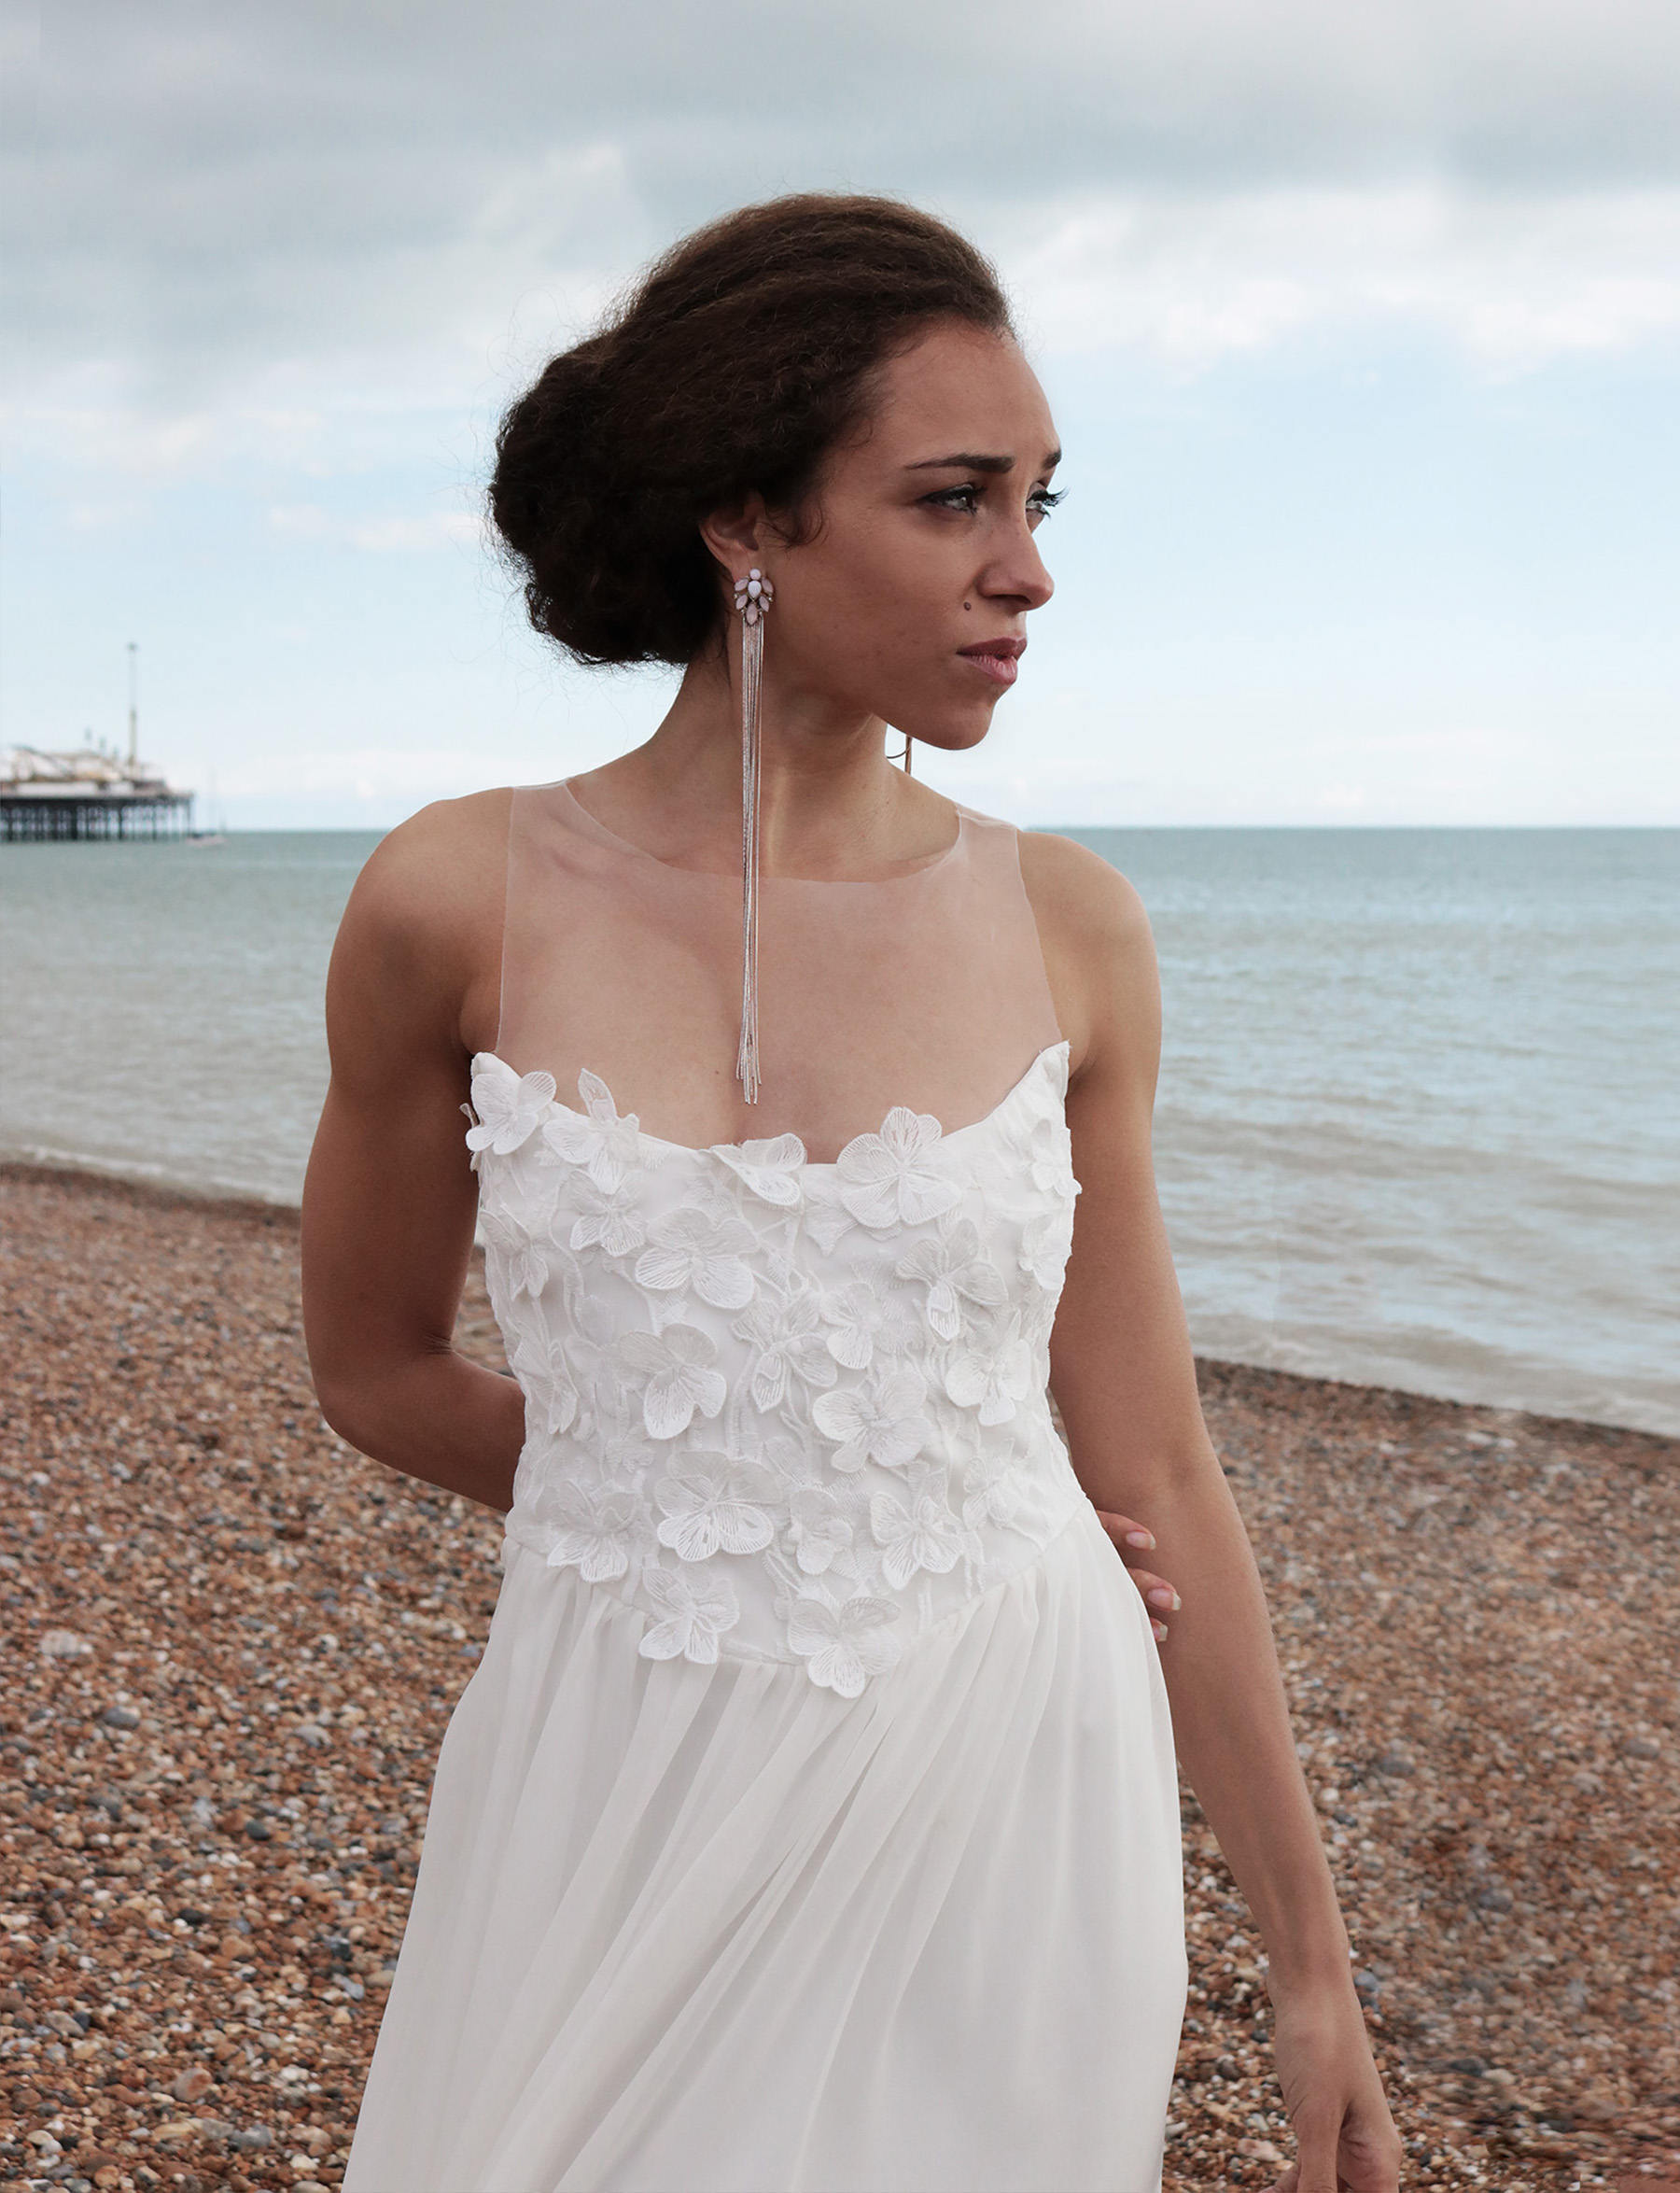 Spitzen Hochzeitskleid Romantisch Brautkleid rückenfrei